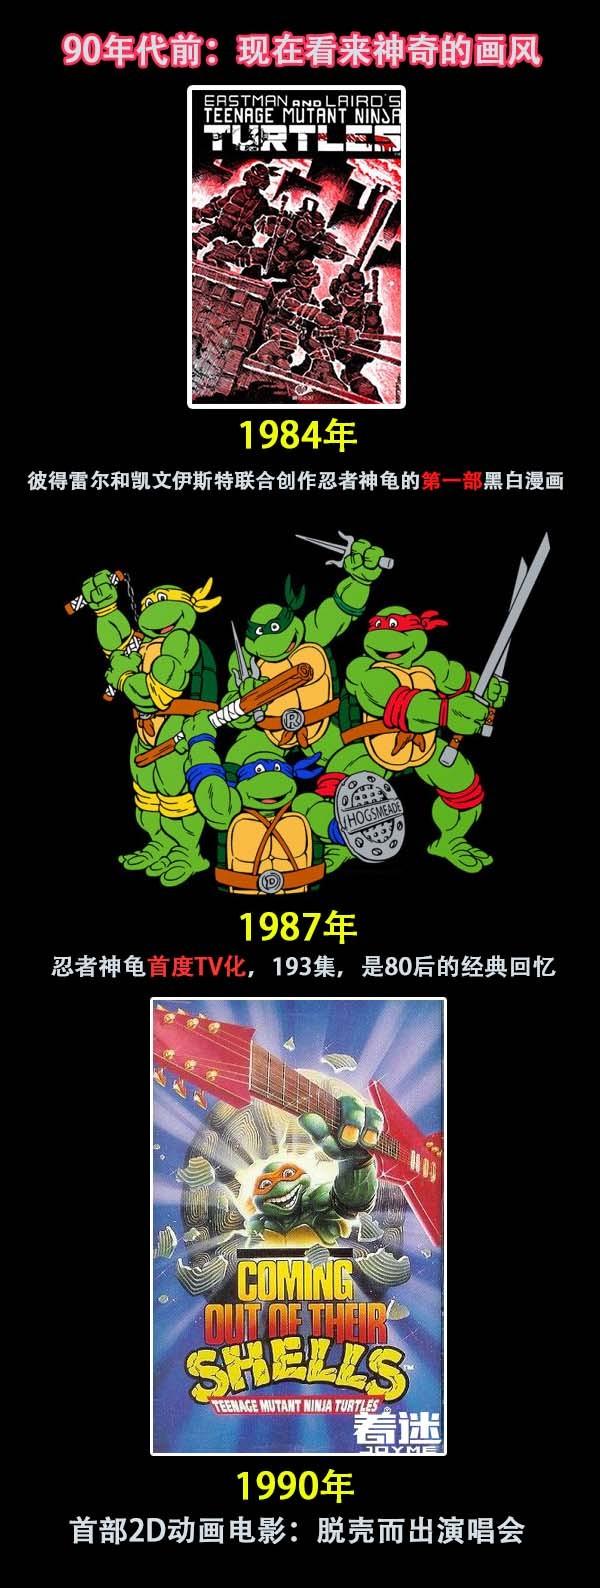 忍者神龟历史,忍者神龟电影,忍者神龟动画